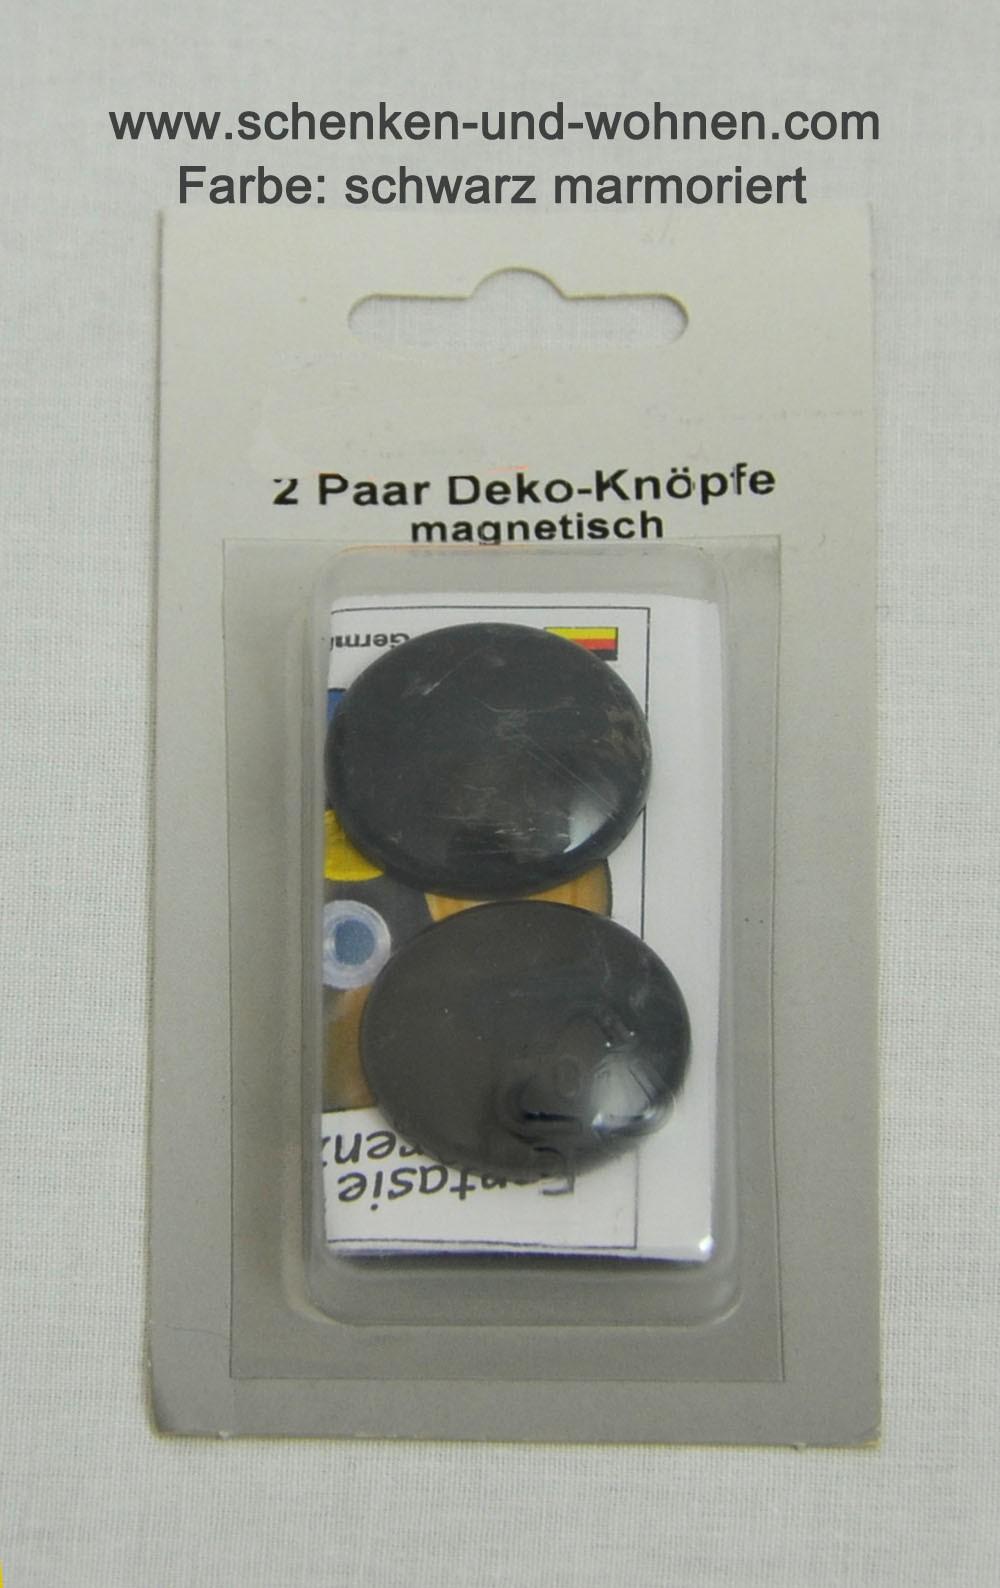 2 Paar Deko-Knöpfe magnetisch schwarz marmoriert 30 mm